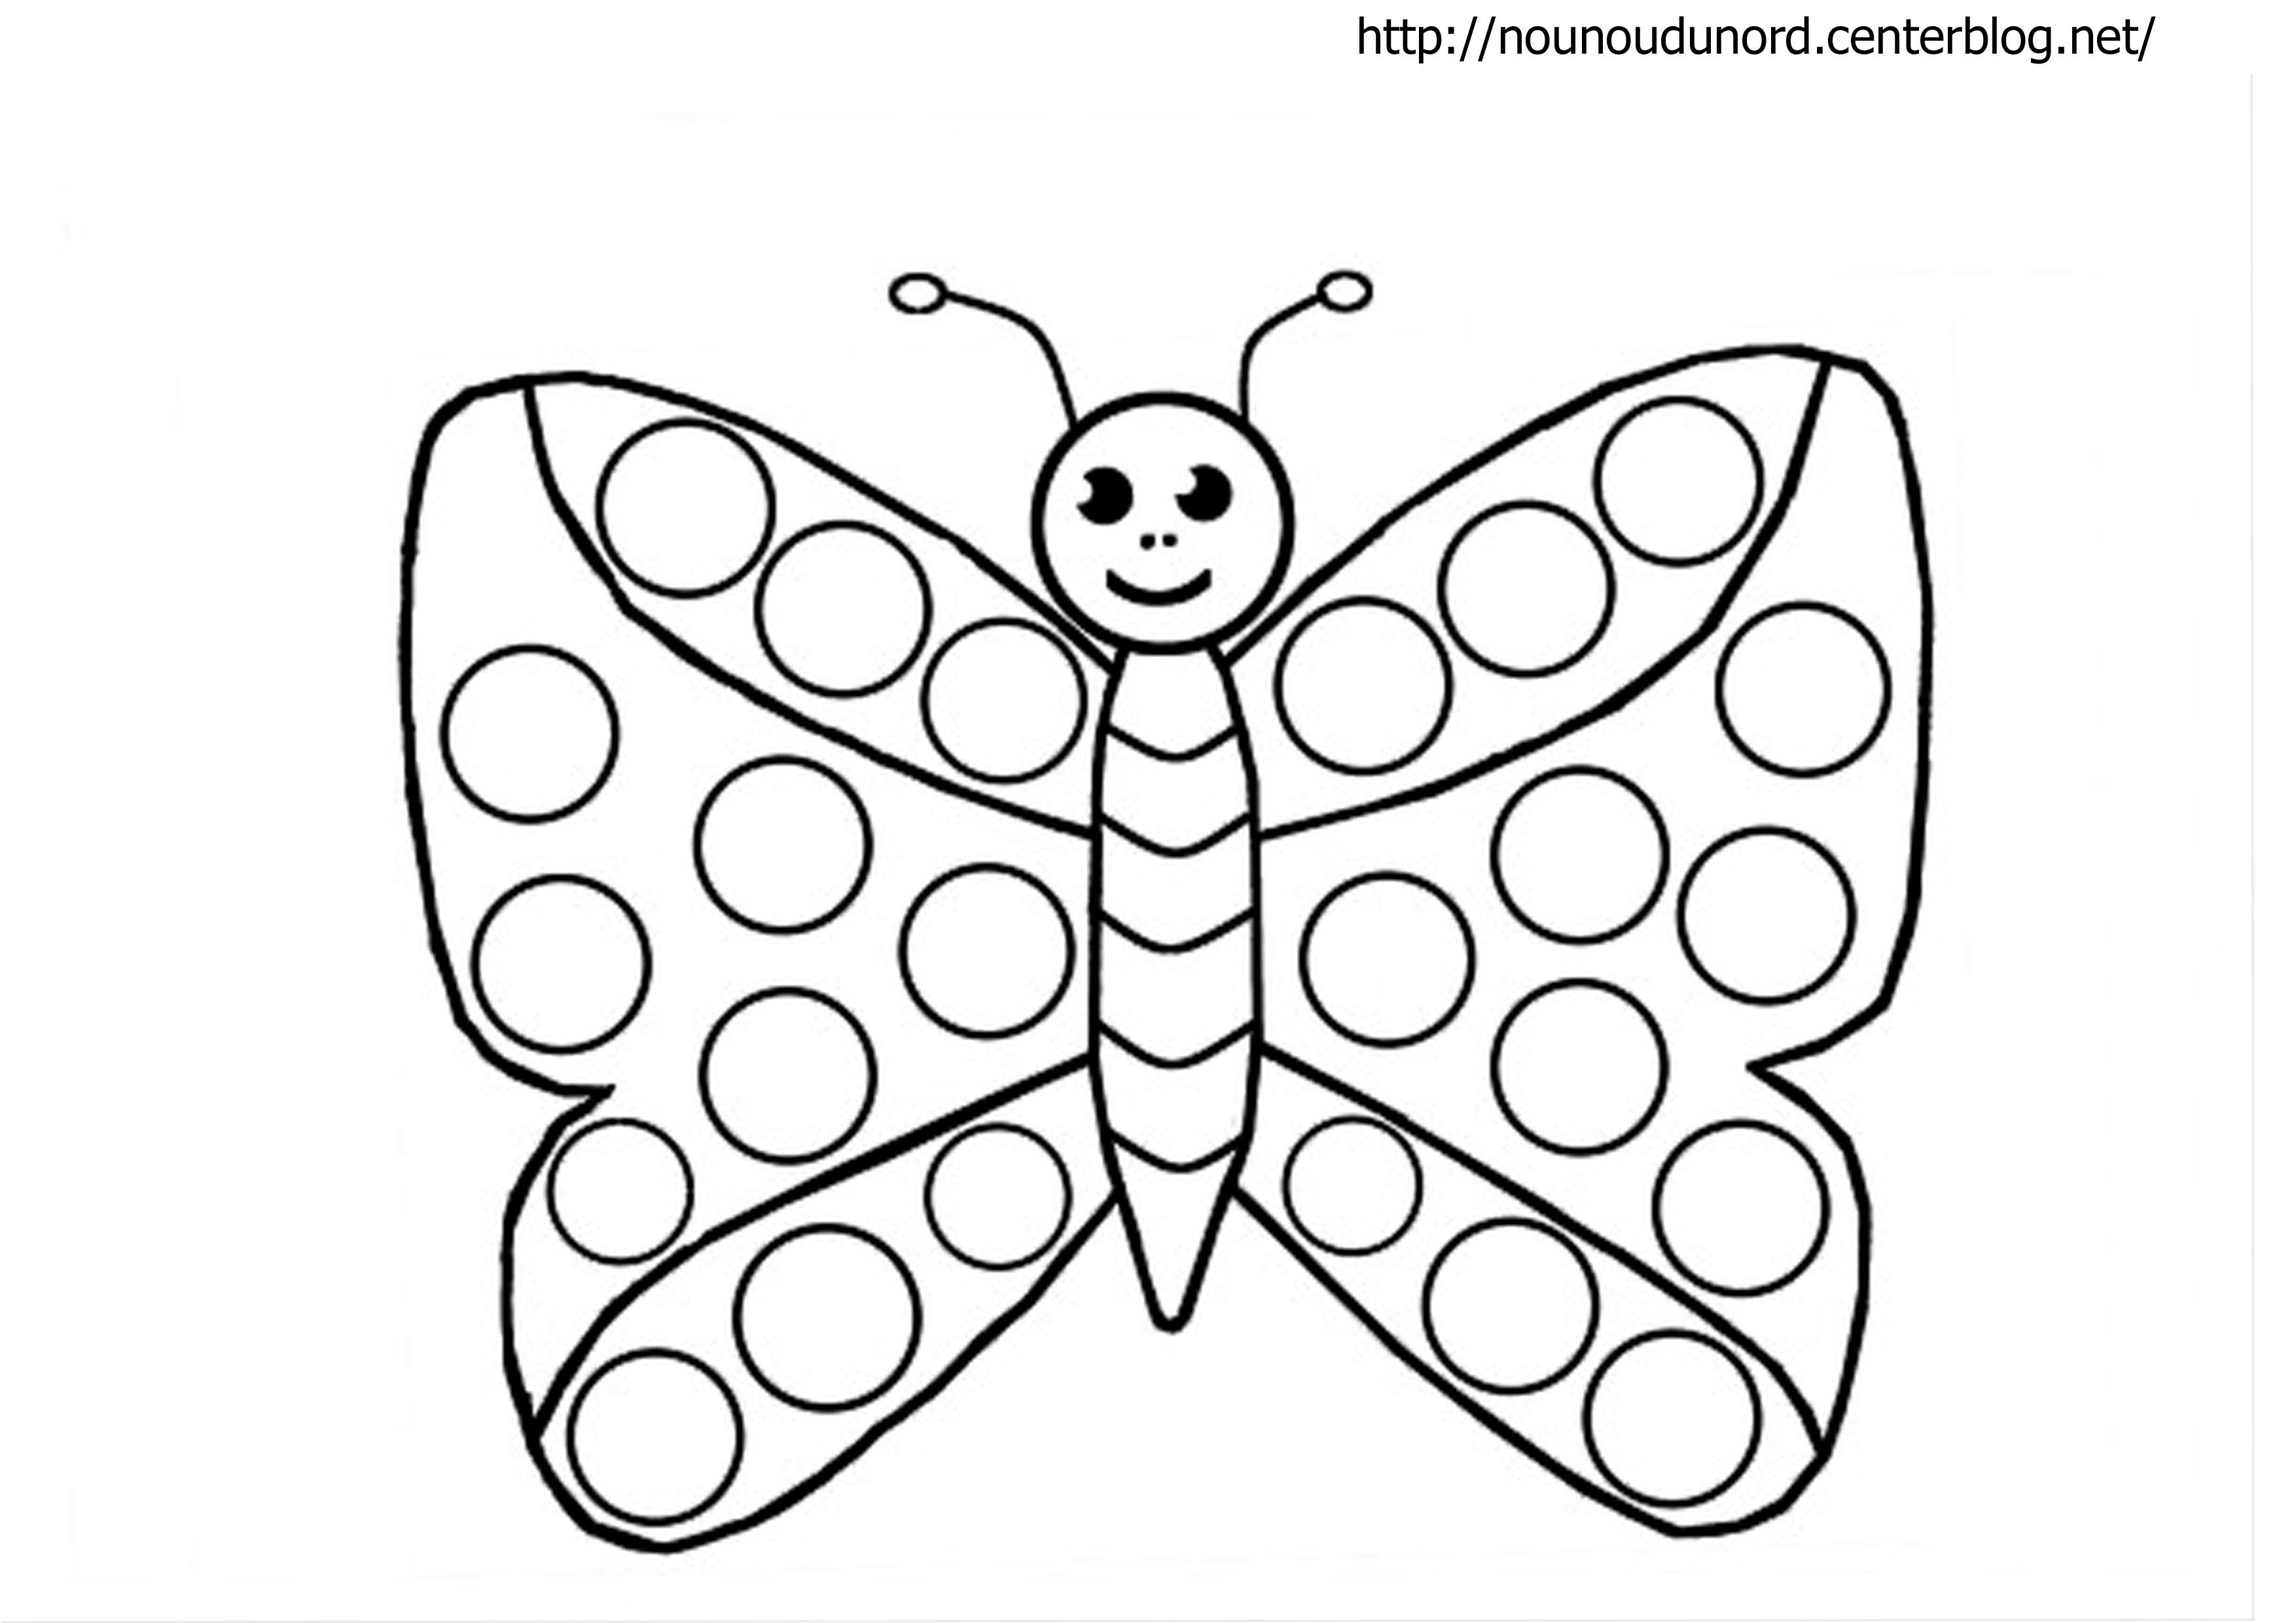 Coloriage papillon imprimer - Papillon image dessin ...